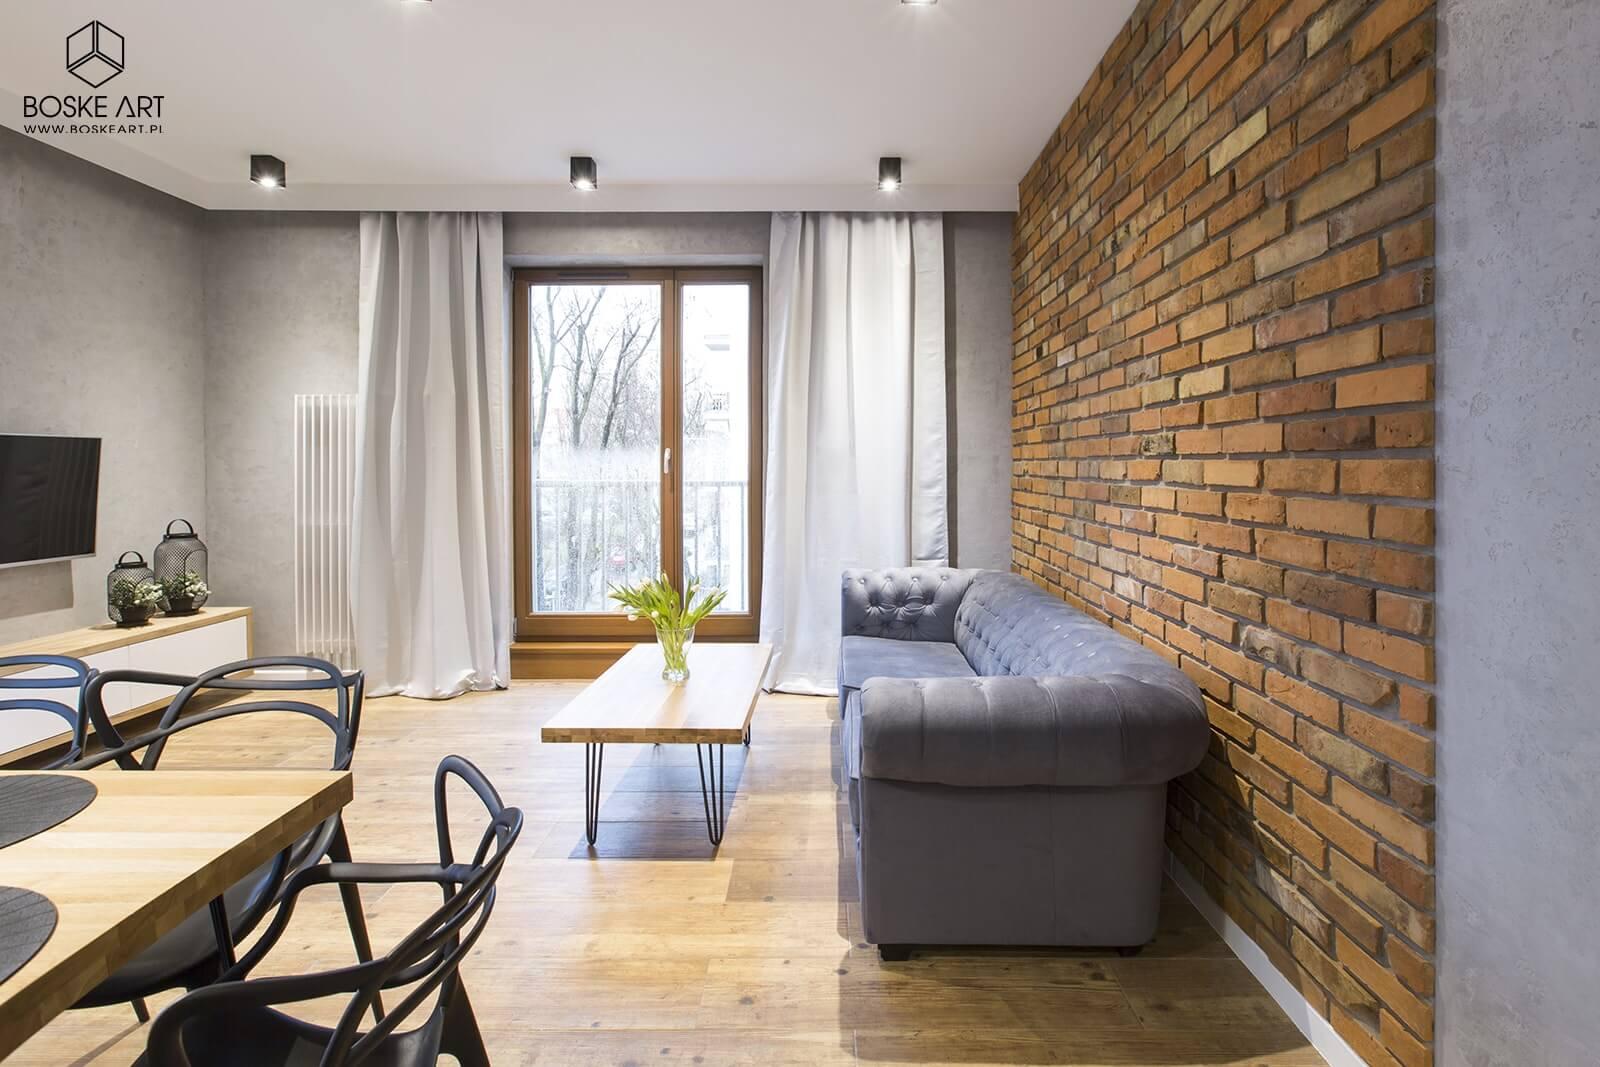 8_apartamenty_na_wynajem_poznan_boske_art_projektowanie_aranzacja_architektura_wnetrz_natalia_robaszkeiwicz-min